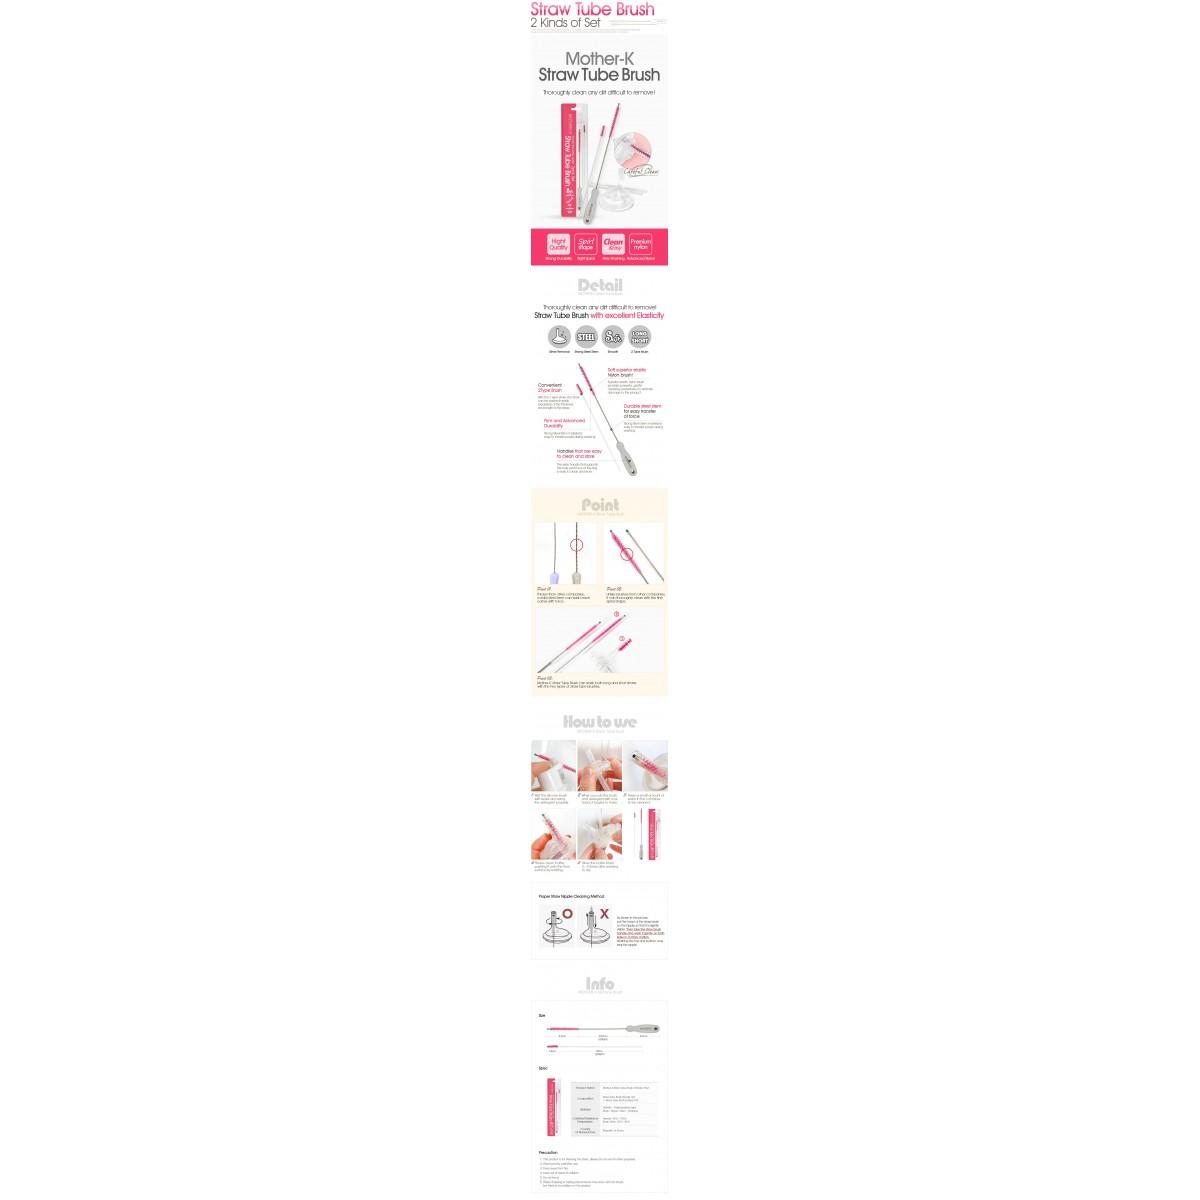 Mother-K Straw Tube Brush (2pcs) - Soft Nylon Brush - Made in Korea